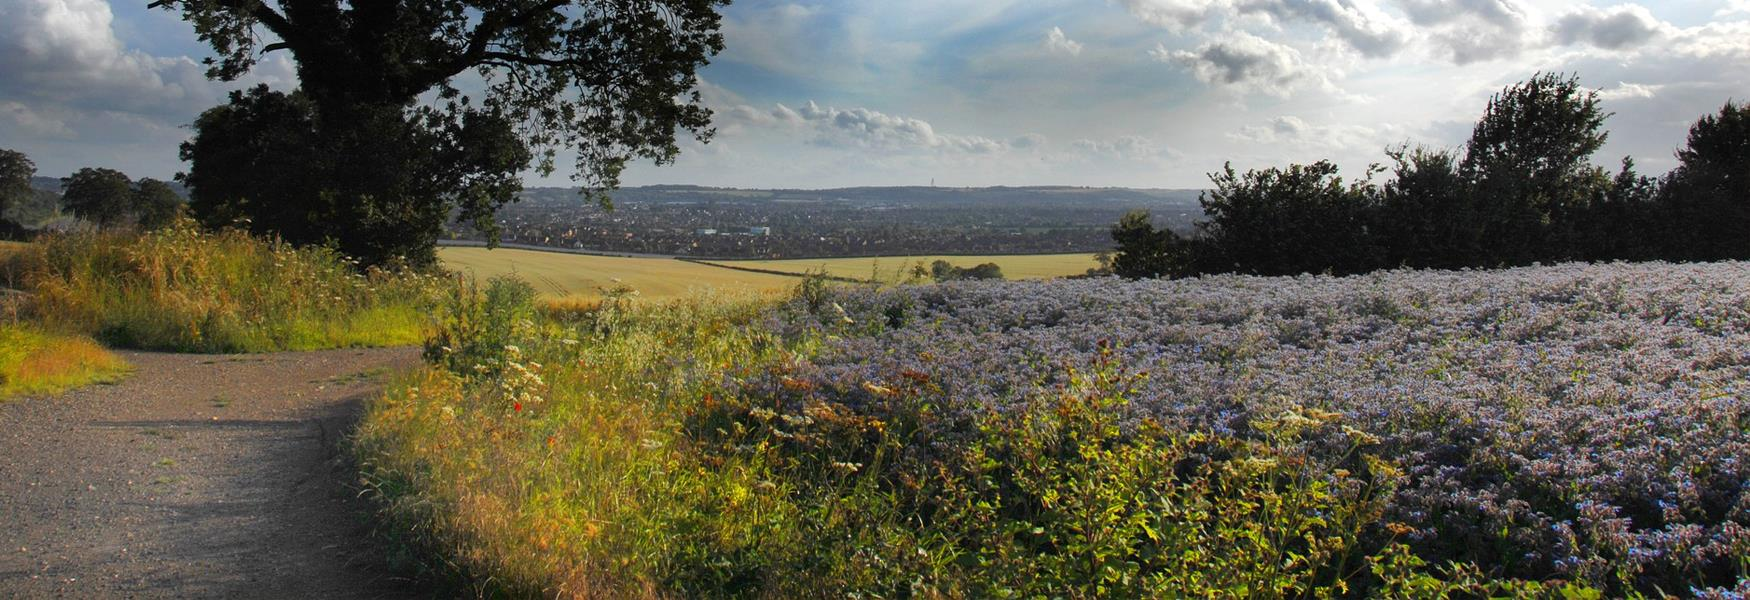 views across luton